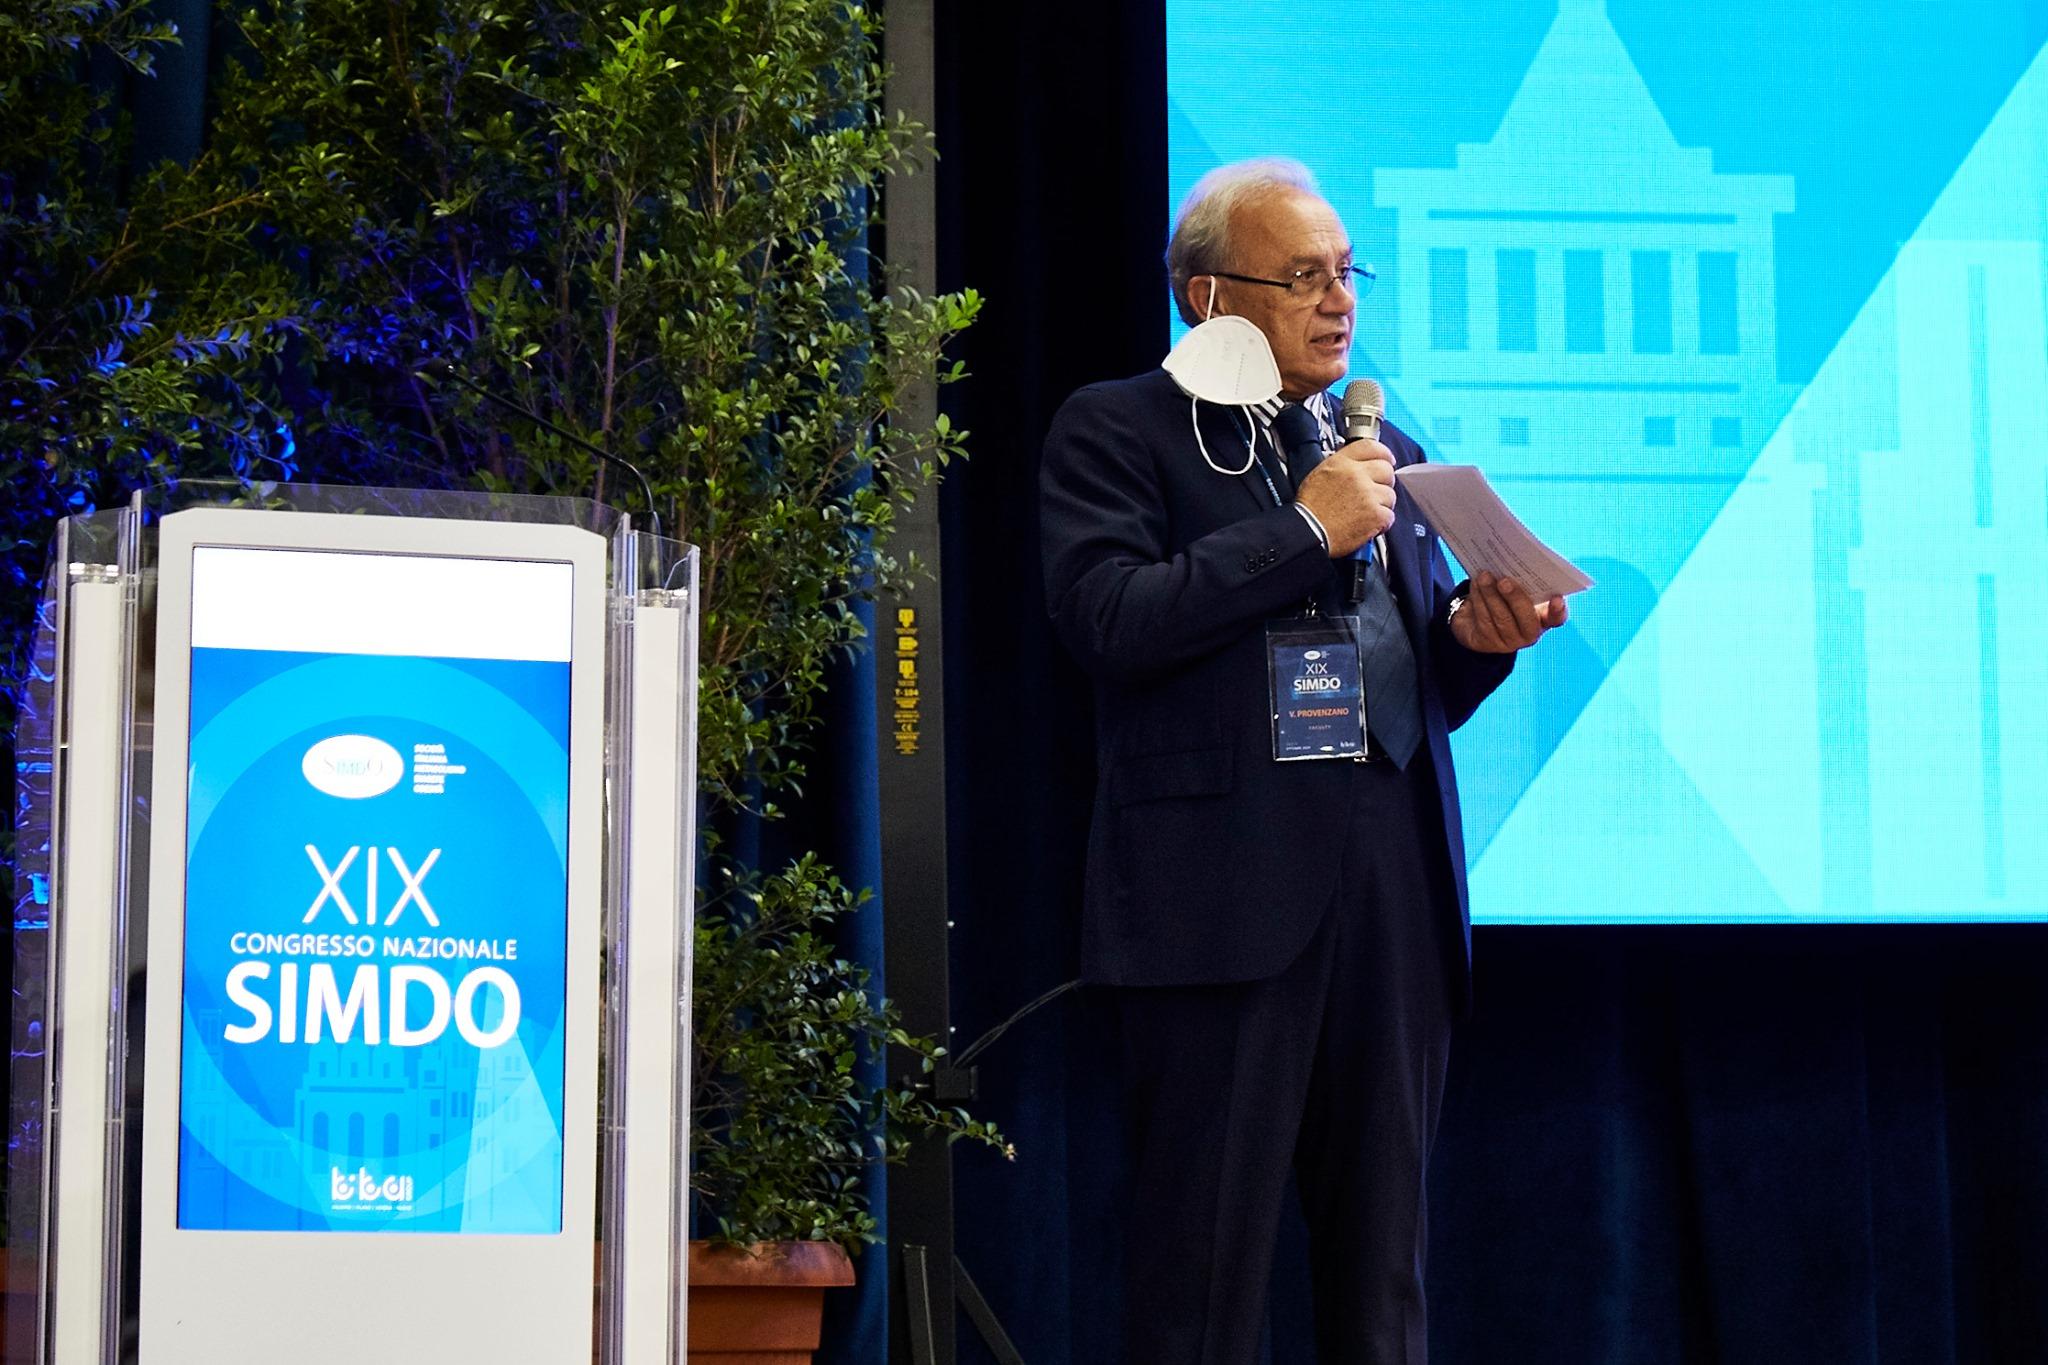 Diabete: le rivoluzioni tecnologiche e farmacologiche. Giovedì il XX congresso nazionale di Simdo a Palermo